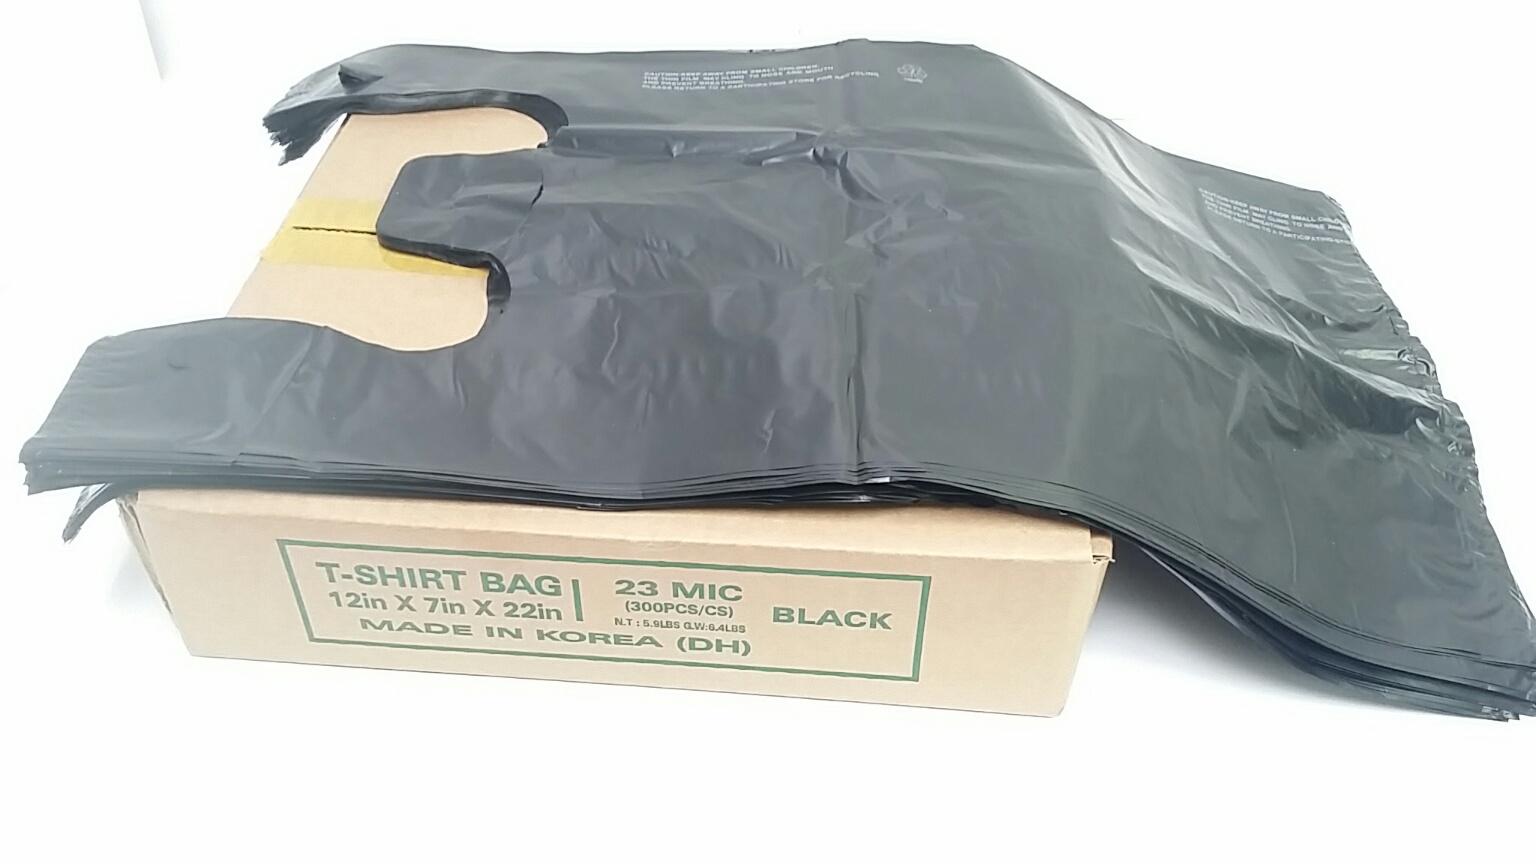 Chuyên cung cấp các loại túi đeo vai màu đen chất lượng